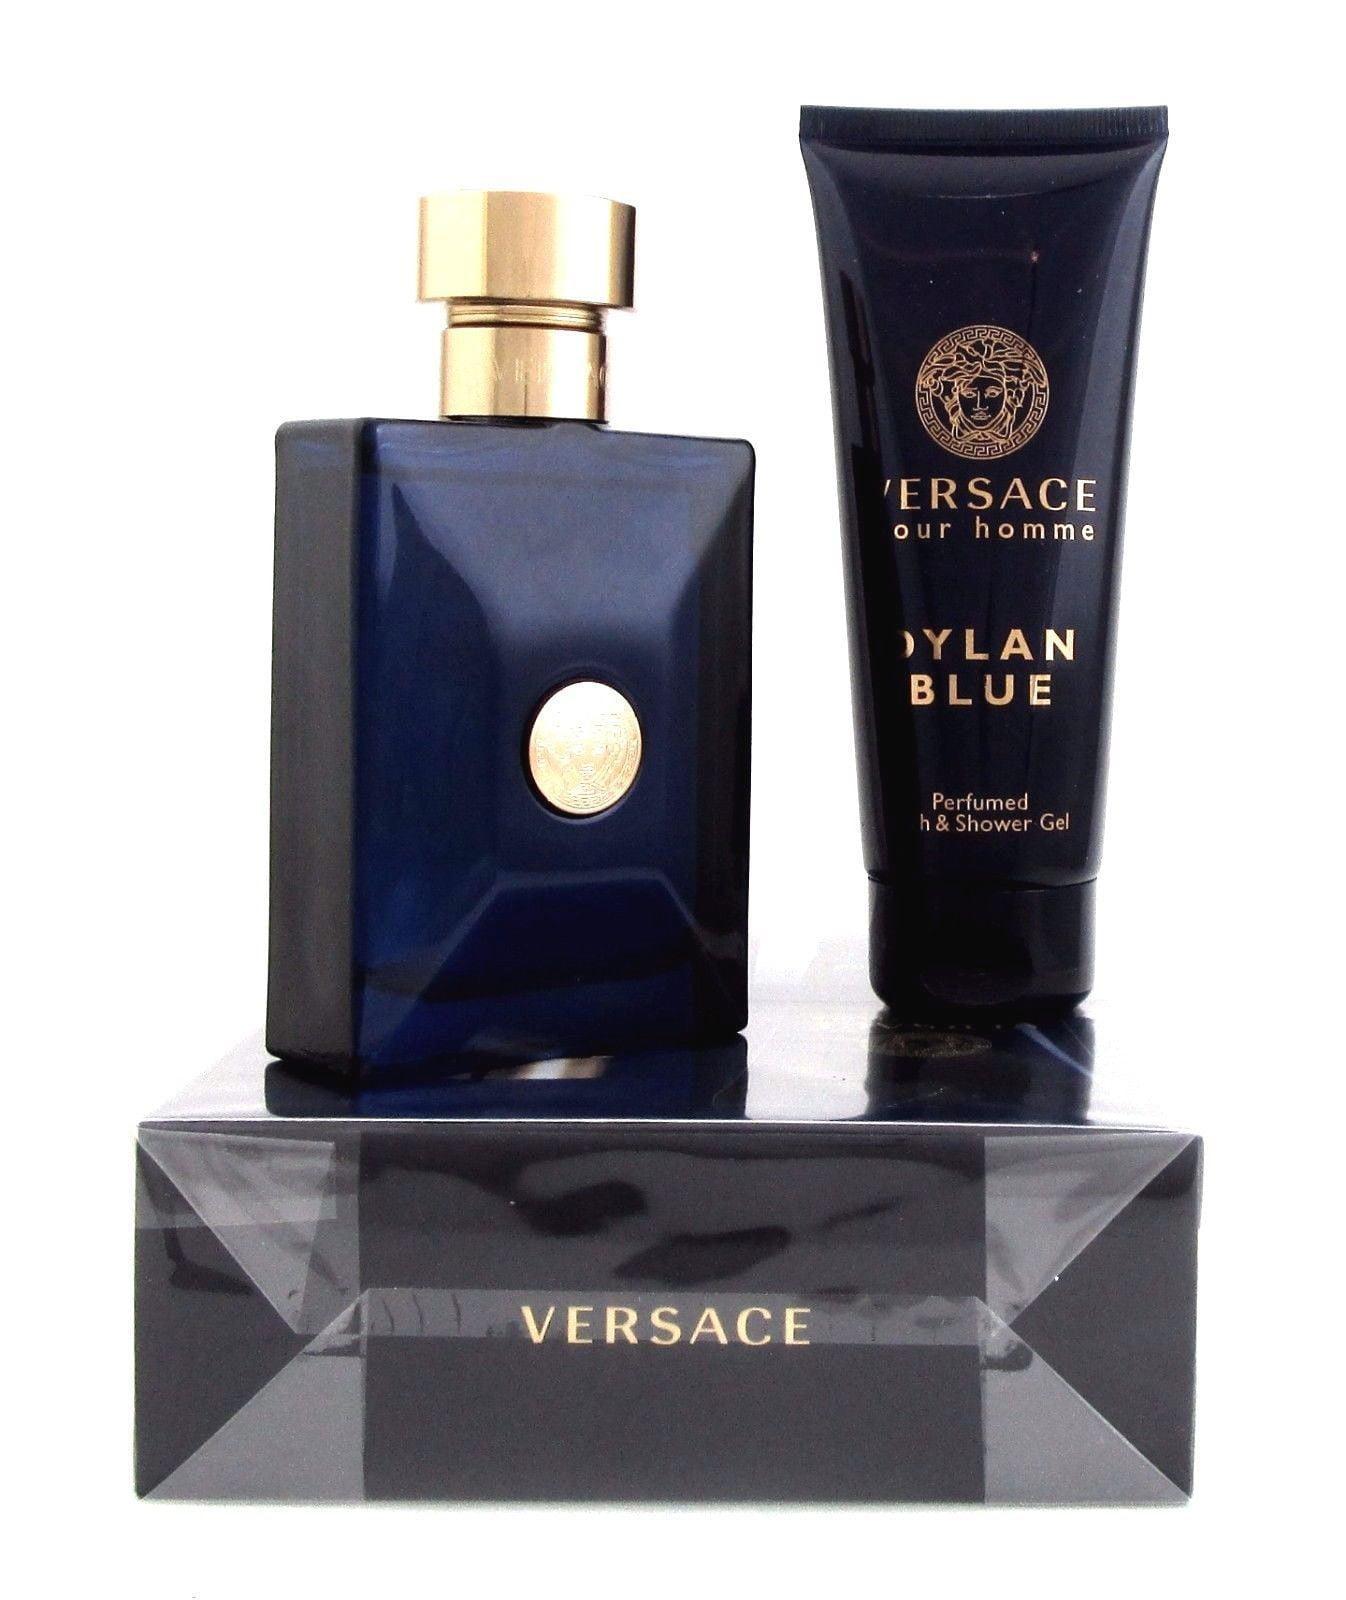 a410f6771c Versace - Versace Pour Homme Dylan Blue Cologne by Versace, 2 Piece Gift  Set men - Walmart.com